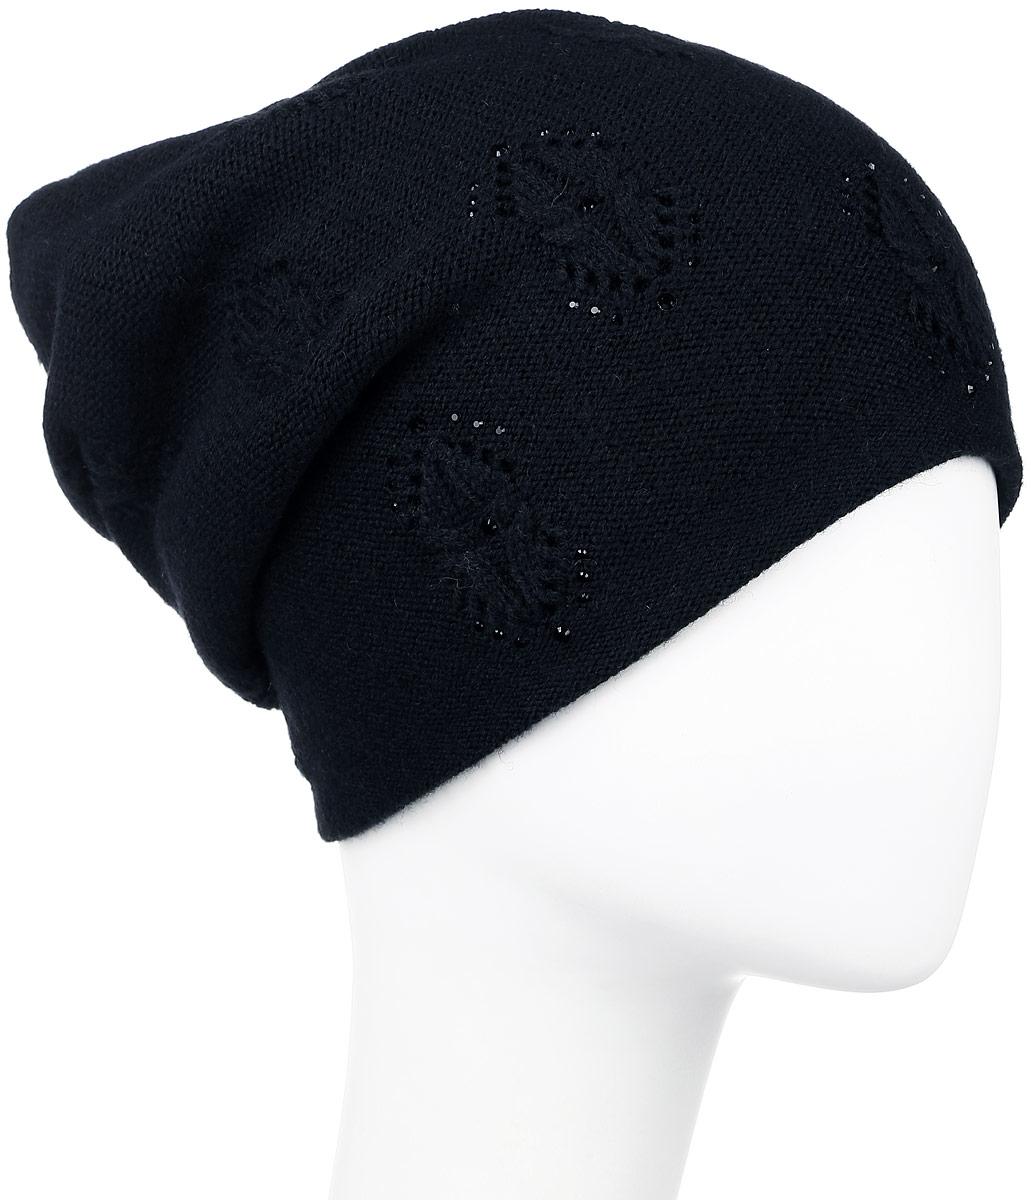 ШапкаW16-11124_201Стильная женская шапка Finn Flare дополнит ваш наряд и не позволит вам замерзнуть в холодное время года. Шапка выполнена из высококачественной пряжи, что позволяет ей великолепно сохранять тепло и обеспечивает высокую эластичность и удобство посадки. Спереди удлиненная модель оформлена металлической пластиной с названием бренда и стразами. Такая шапка станет модным и стильным дополнением вашего гардероба. Она согреет вас и позволит подчеркнуть свою индивидуальность!